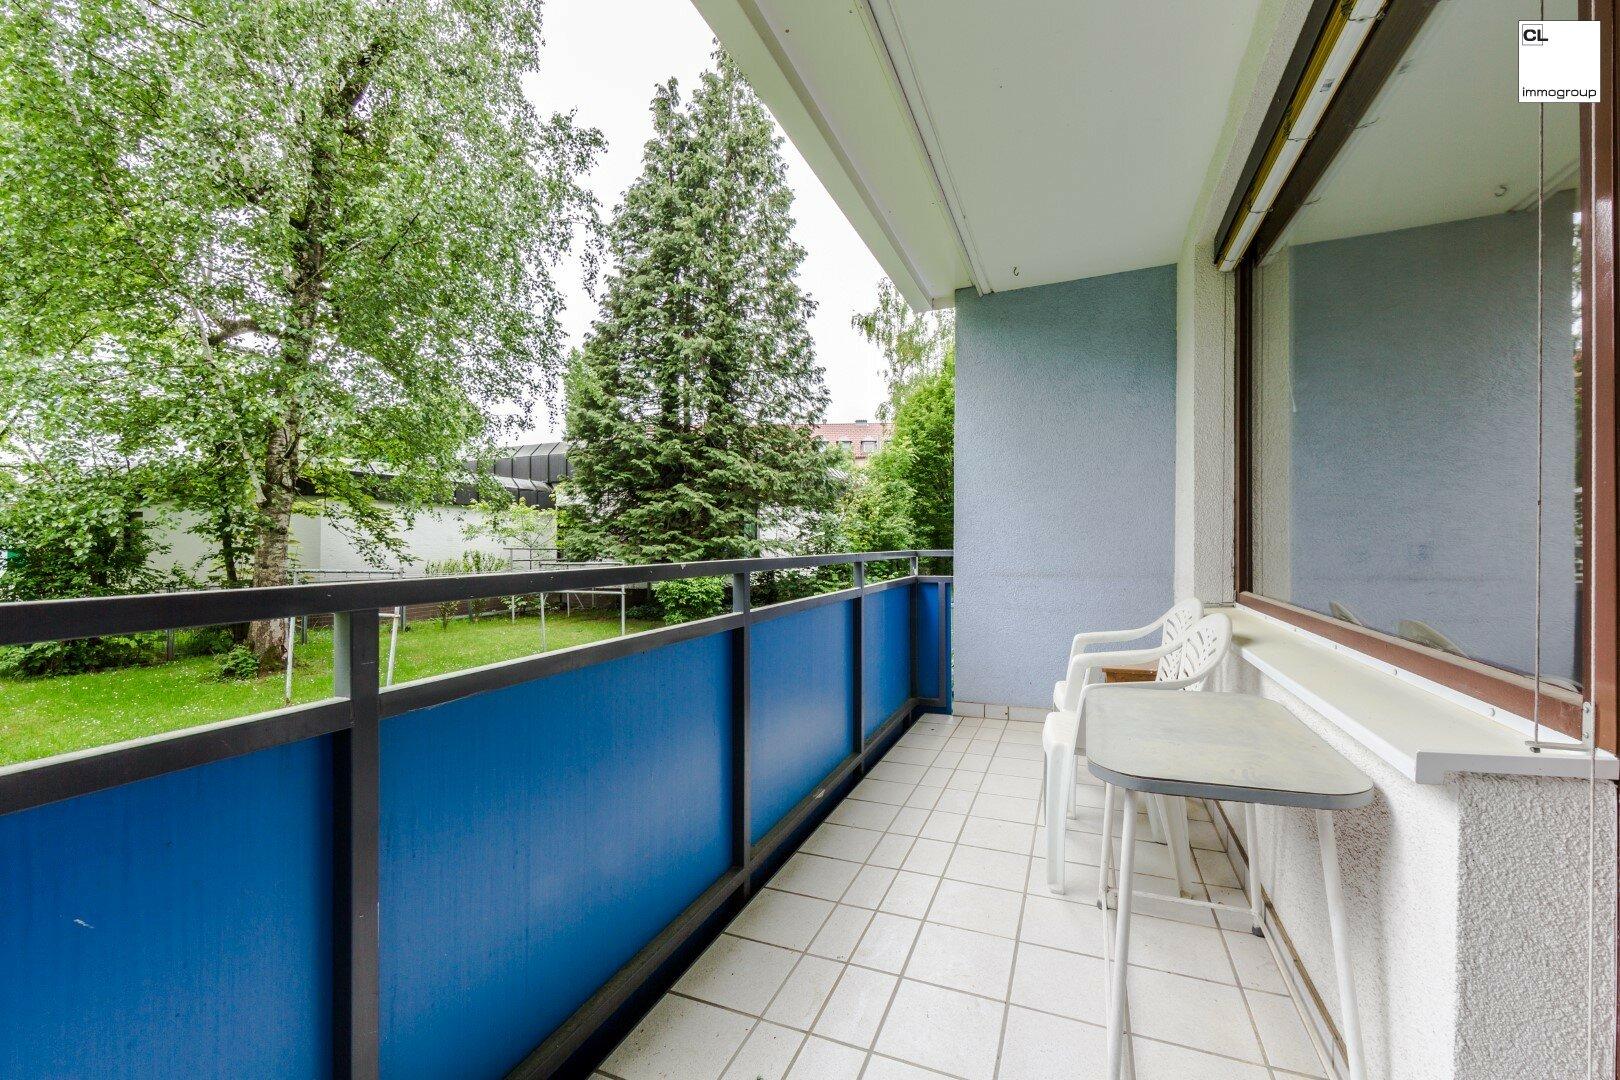 Vergrößerter Balkon von ruhigen 3-Zimmer-Wohnung in Salzburg zu kaufen www.cl-immogroup.at